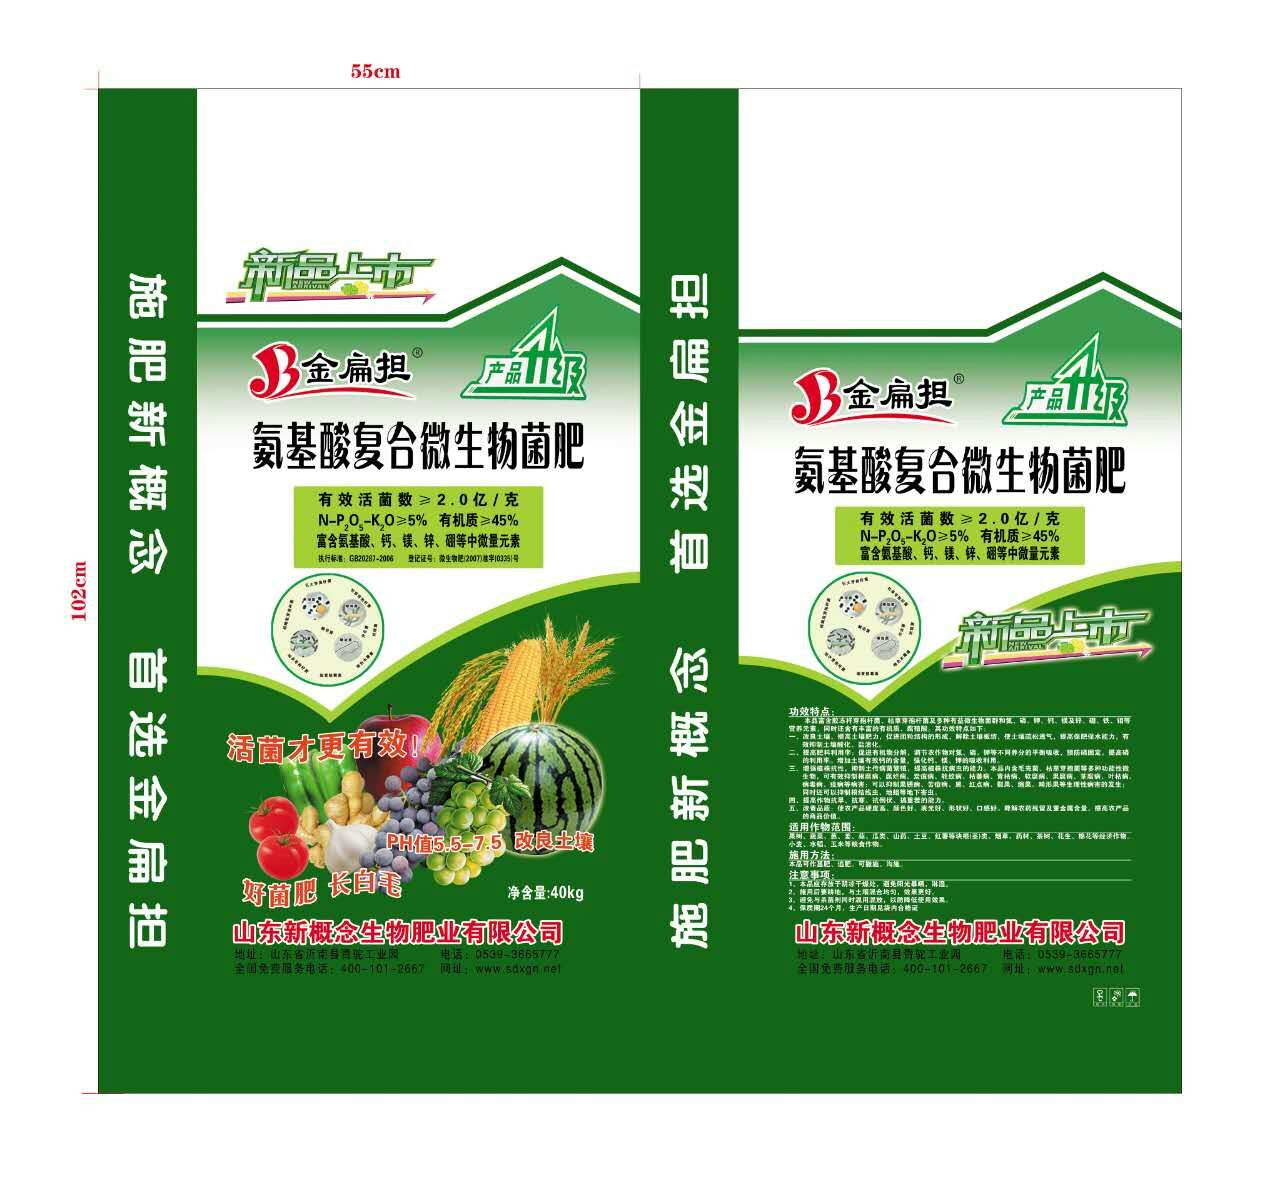 氨基酸复合微生物菌肥(土壤调理剂).jpg